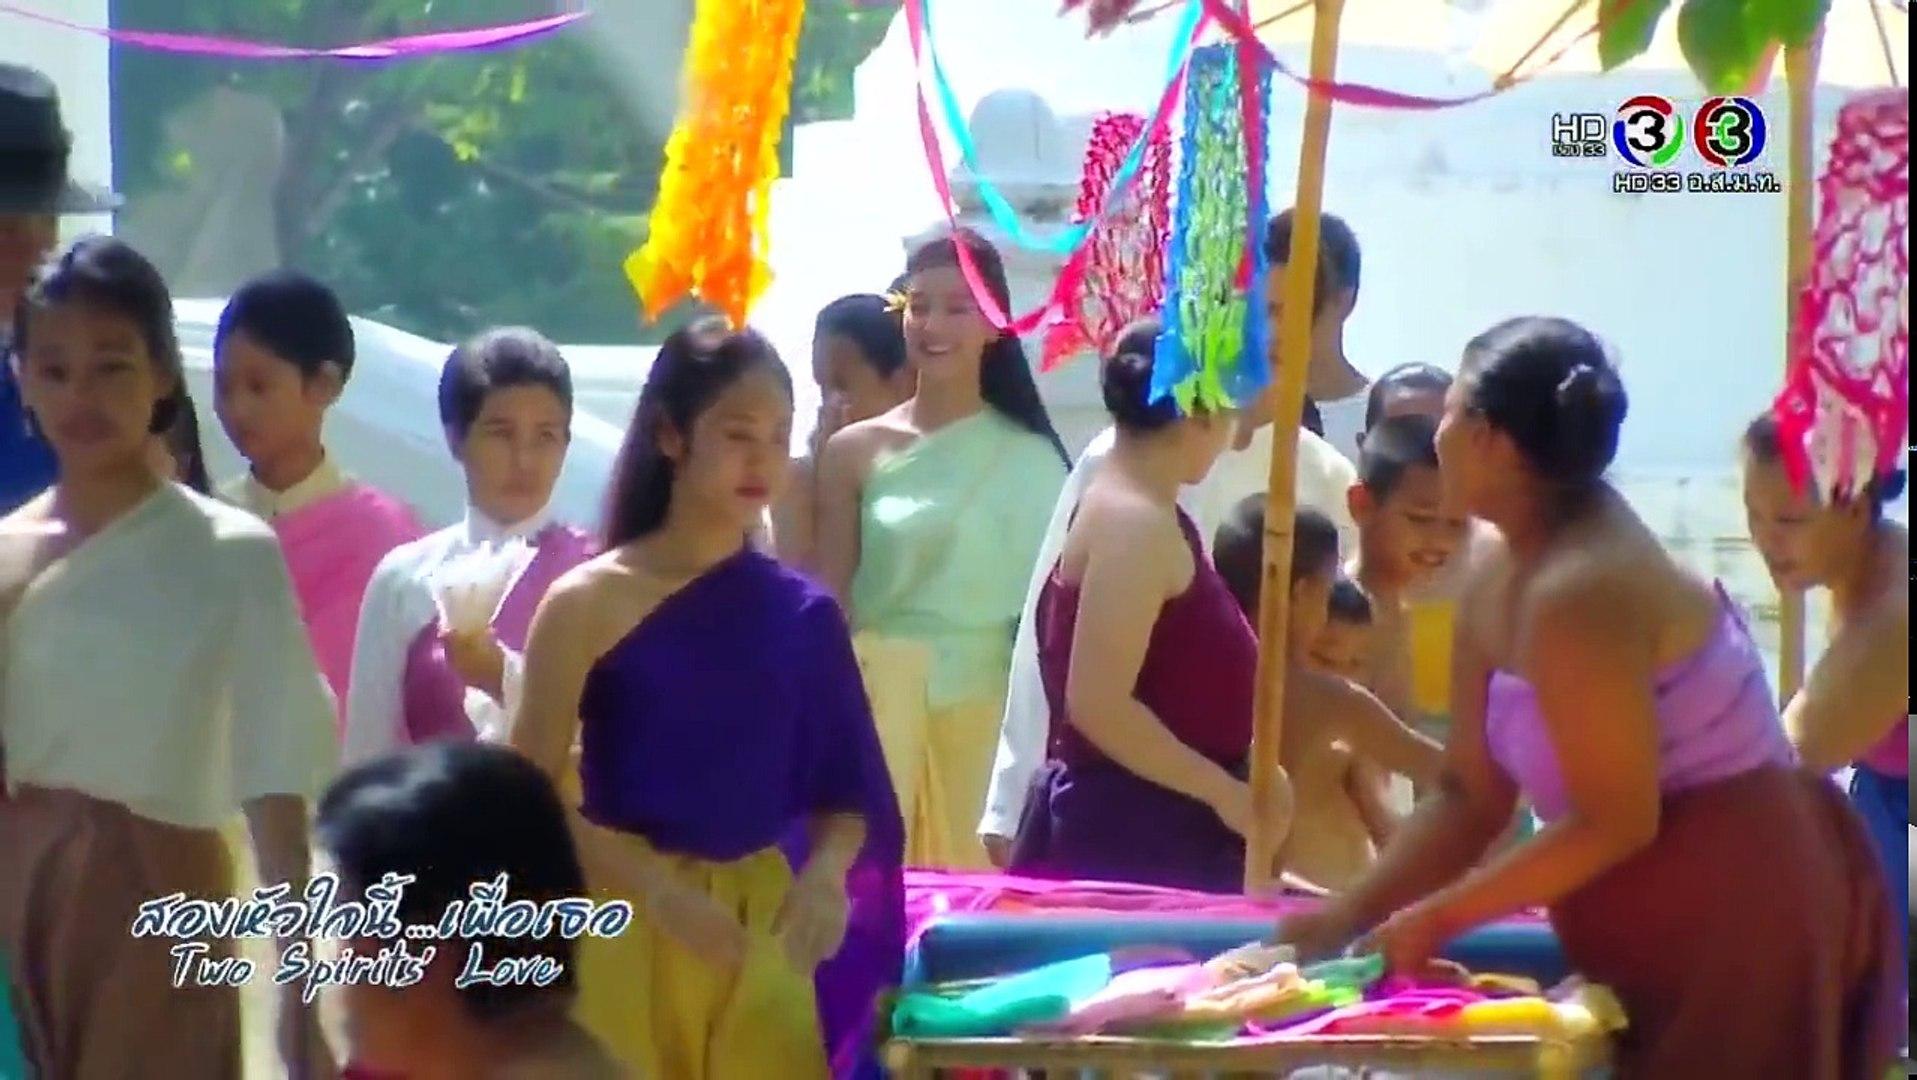 Tình Yêu Duy Nhất - Two Spirit's Love Tập 1- Phim Thái Lan